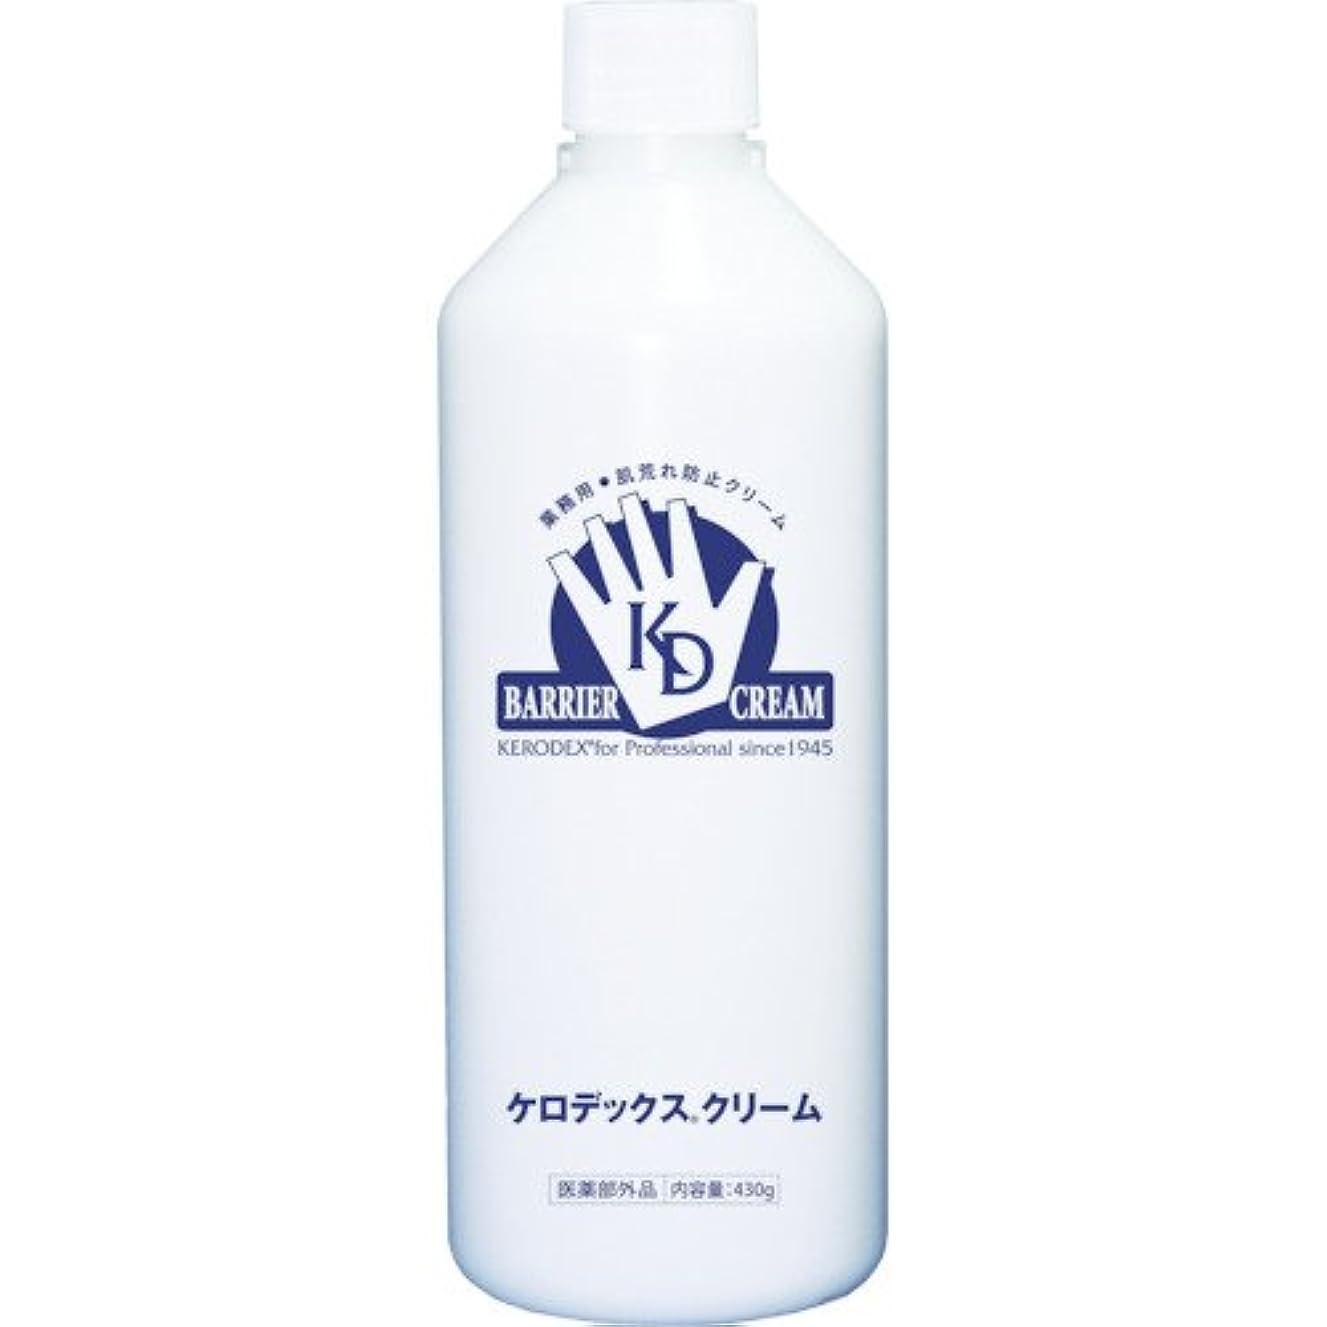 プレビスサイト絞るやがてケロデックスクリーム ボトルタイプ 詰替用 430g